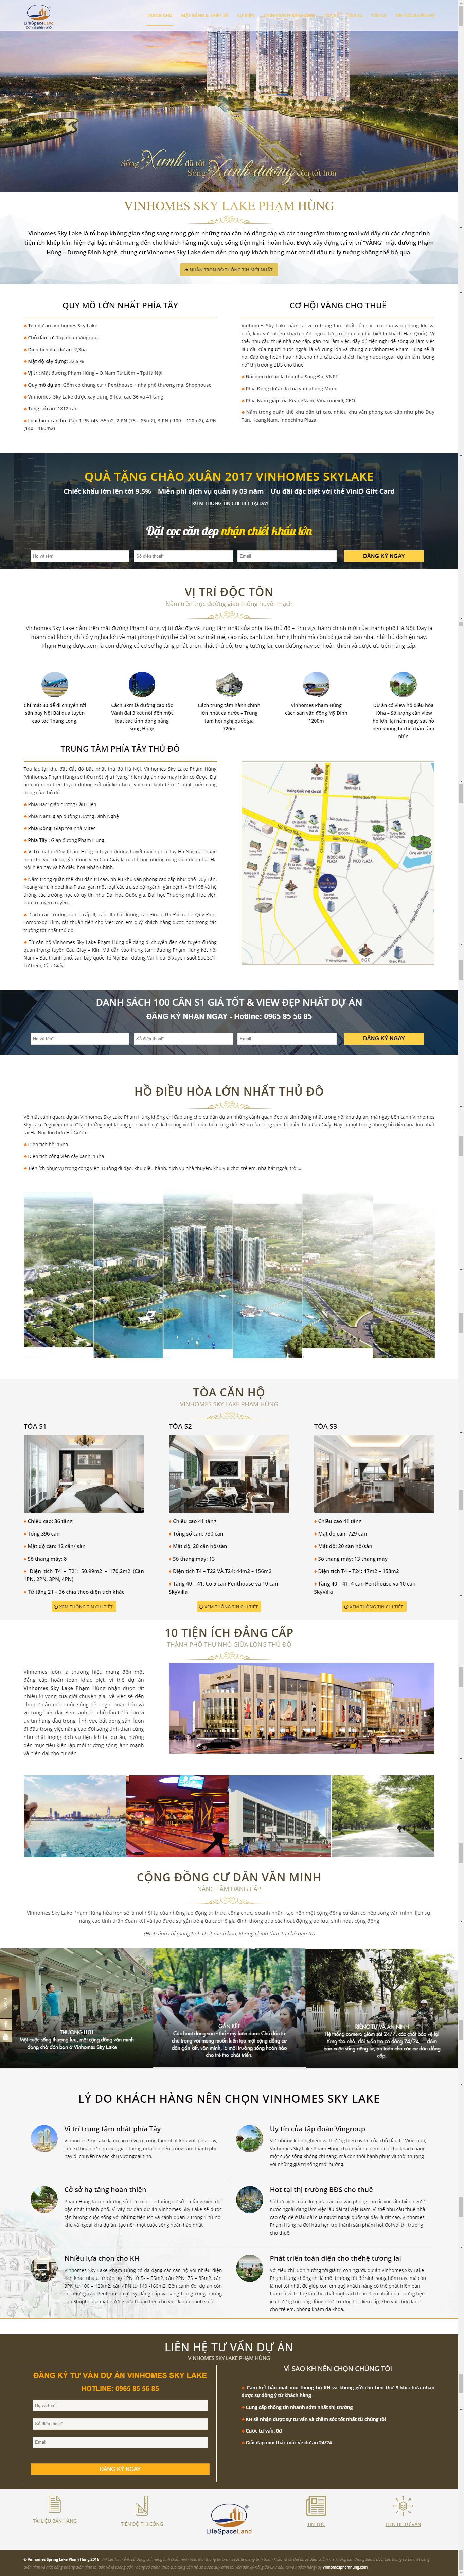 Giao diện website Bất động sản Z - 92